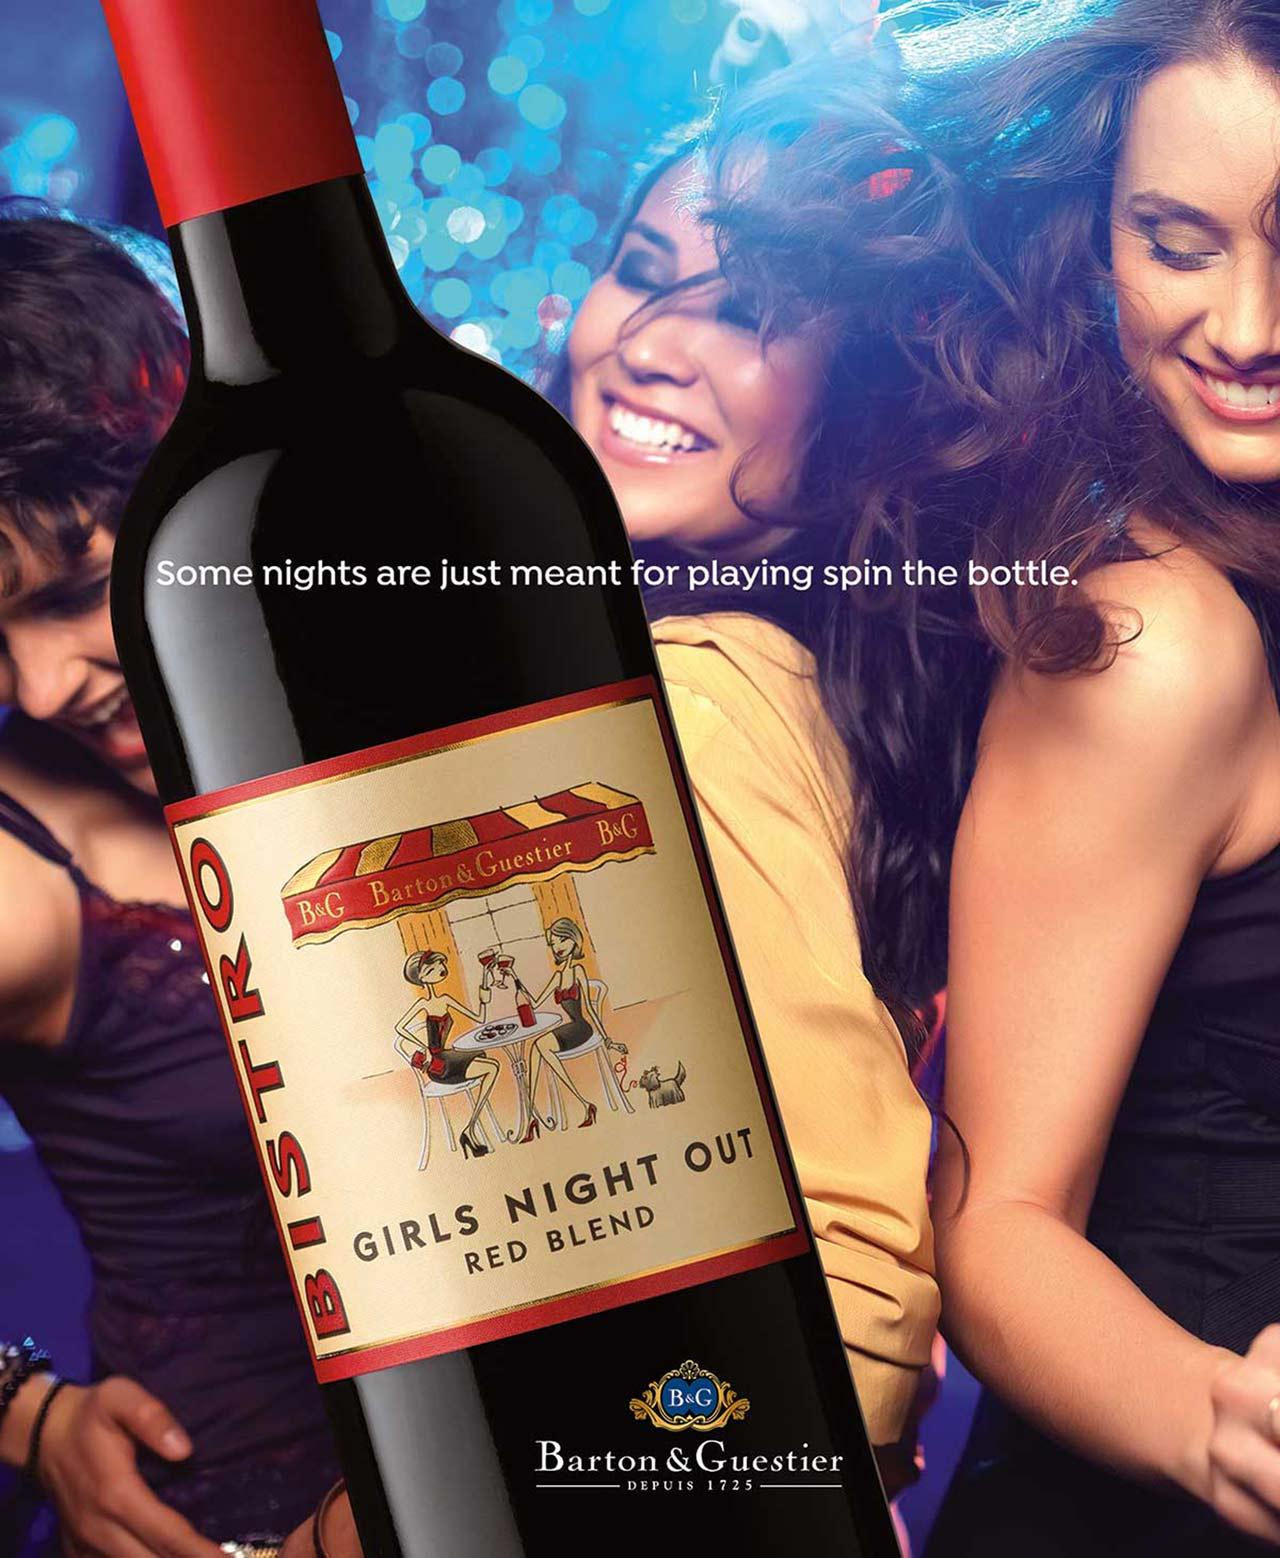 Barton & Guestier Print Ad Red Wine